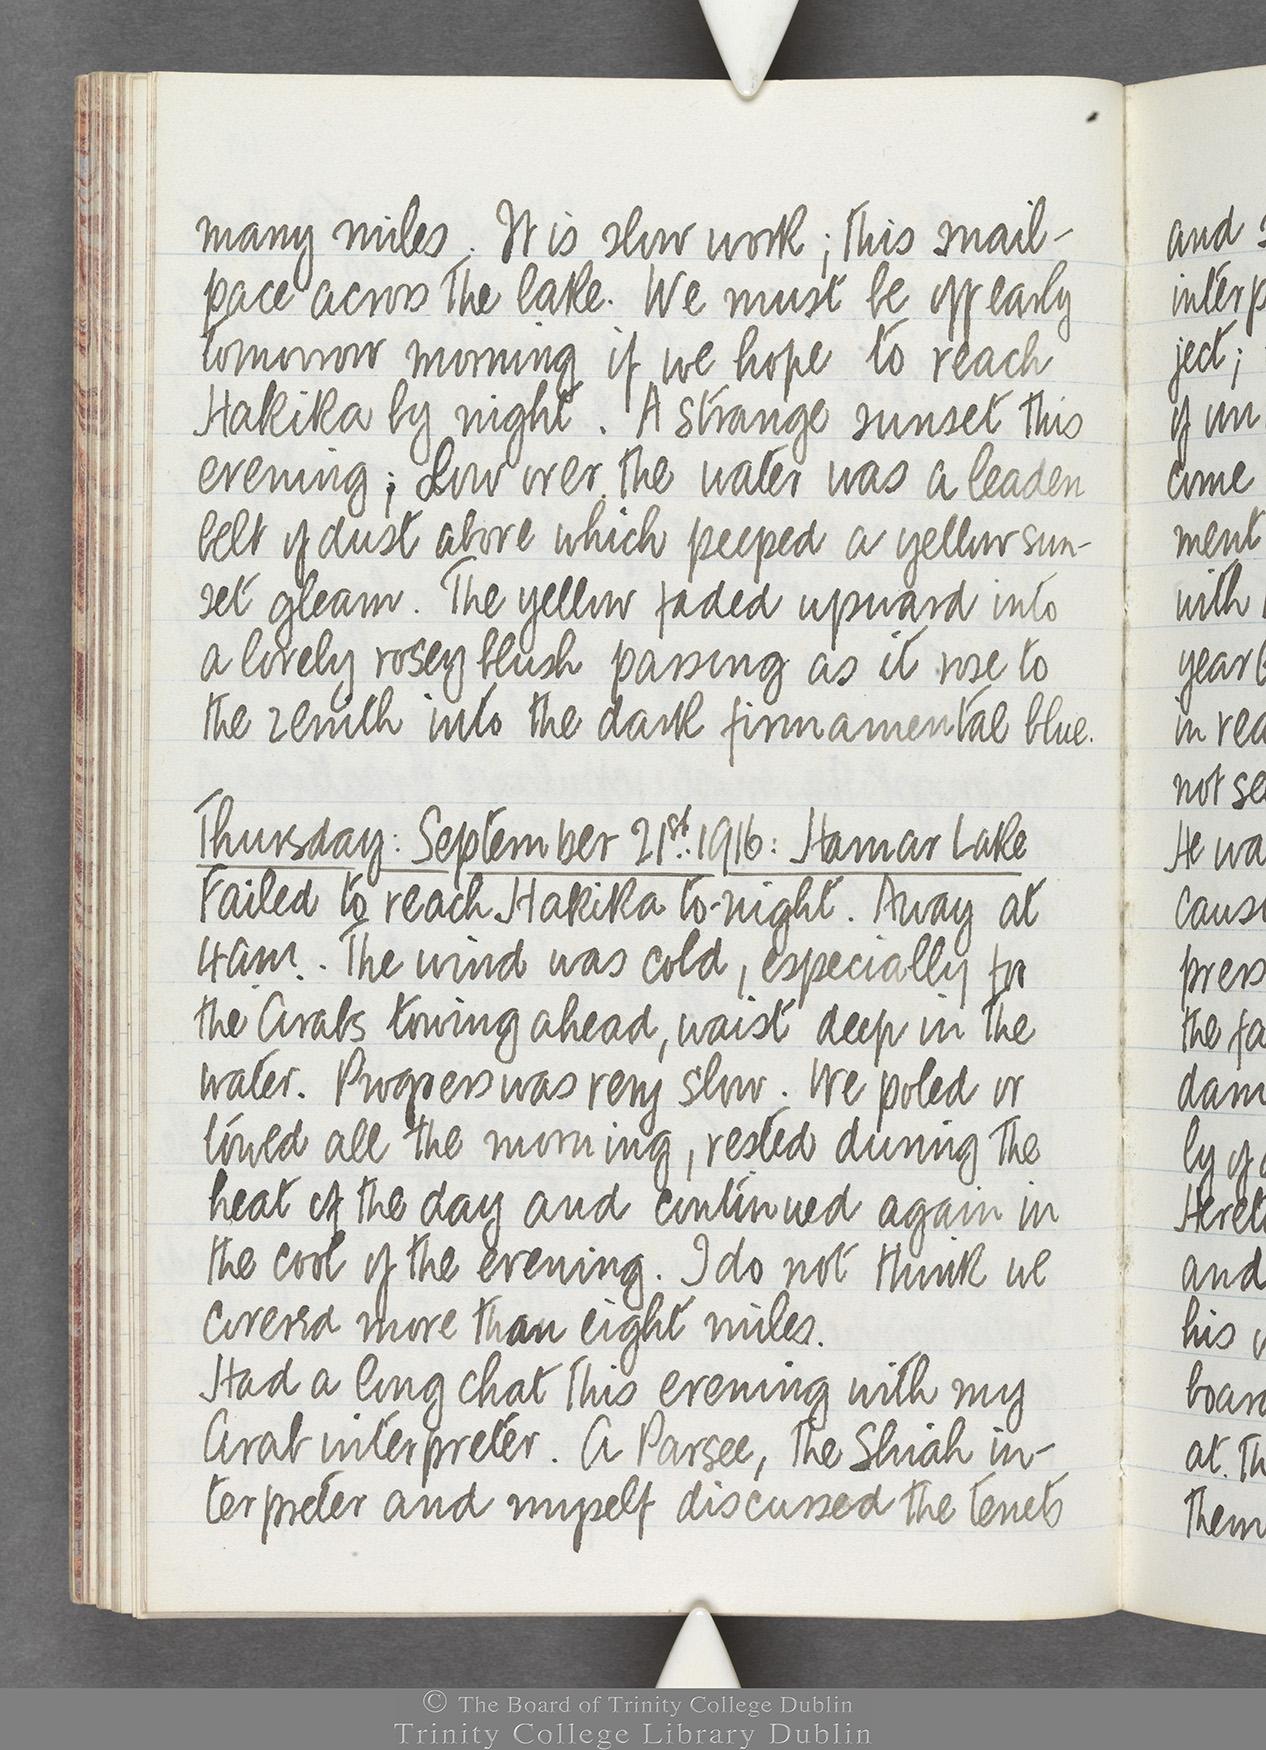 TCD MS 10516 folio 49 verso